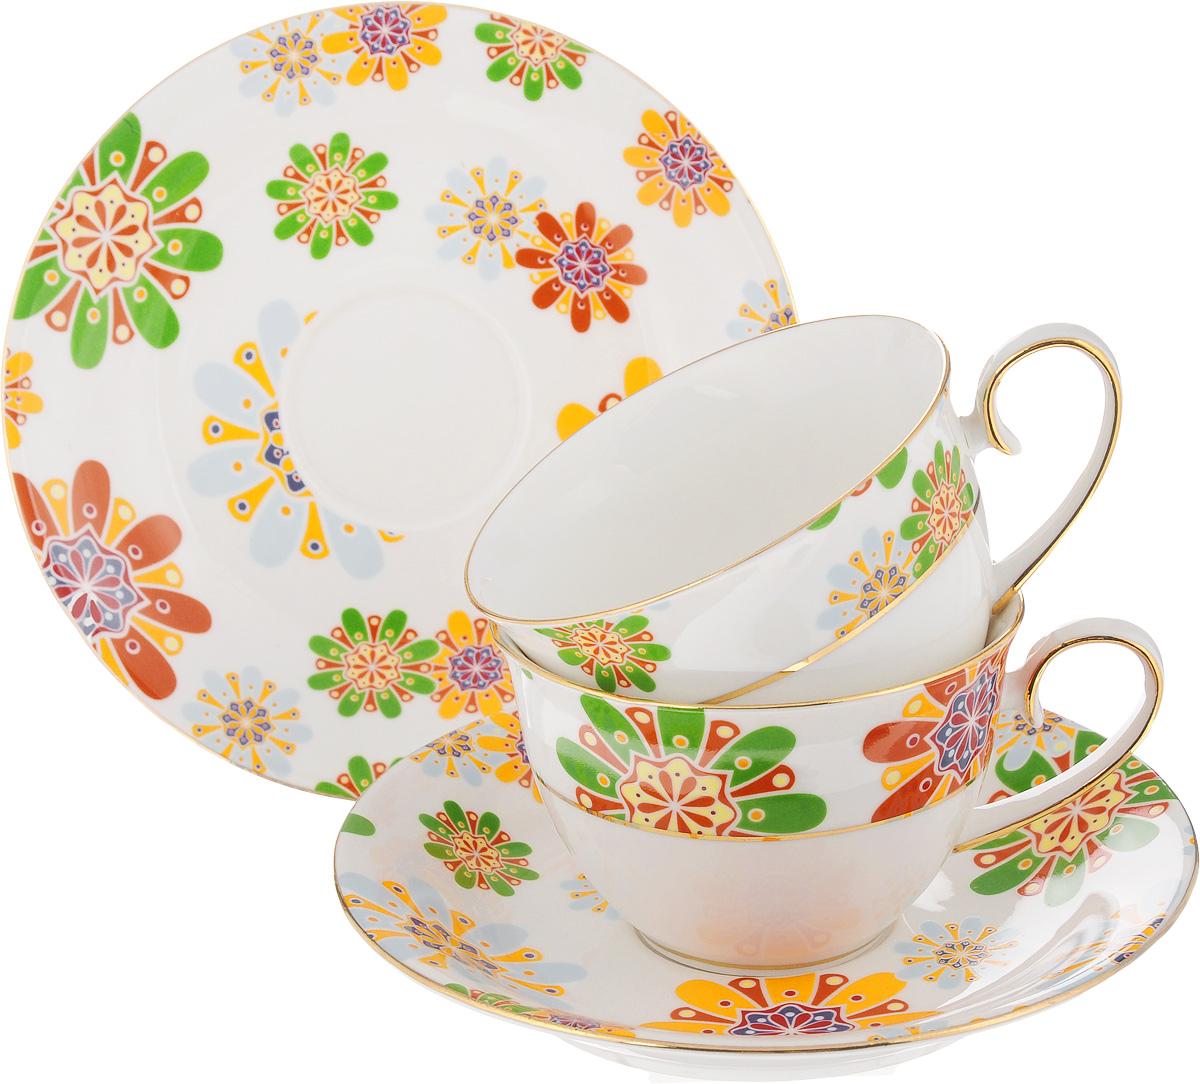 Набор чайный Patricia Калейдоскоп, 4 предметаIM52-2300Чайный набор Patricia Калейдоскоп состоит из 2 чашек и 2 блюдец. Изделия выполнены из высококачественного фарфора и оформлены ярким рисунком. Такой набор изящно дополнит сервировку стола к чаепитию. Не рекомендуется мыть в посудомоечной машине и использовать в микроволновой печи. Объем чашки: 220 мл. Диаметр чашки по верхнему краю: 9 см. Высота чашки: 6 см. Диаметр блюдца: 15 см. Высота блюдца: 2,2 см.